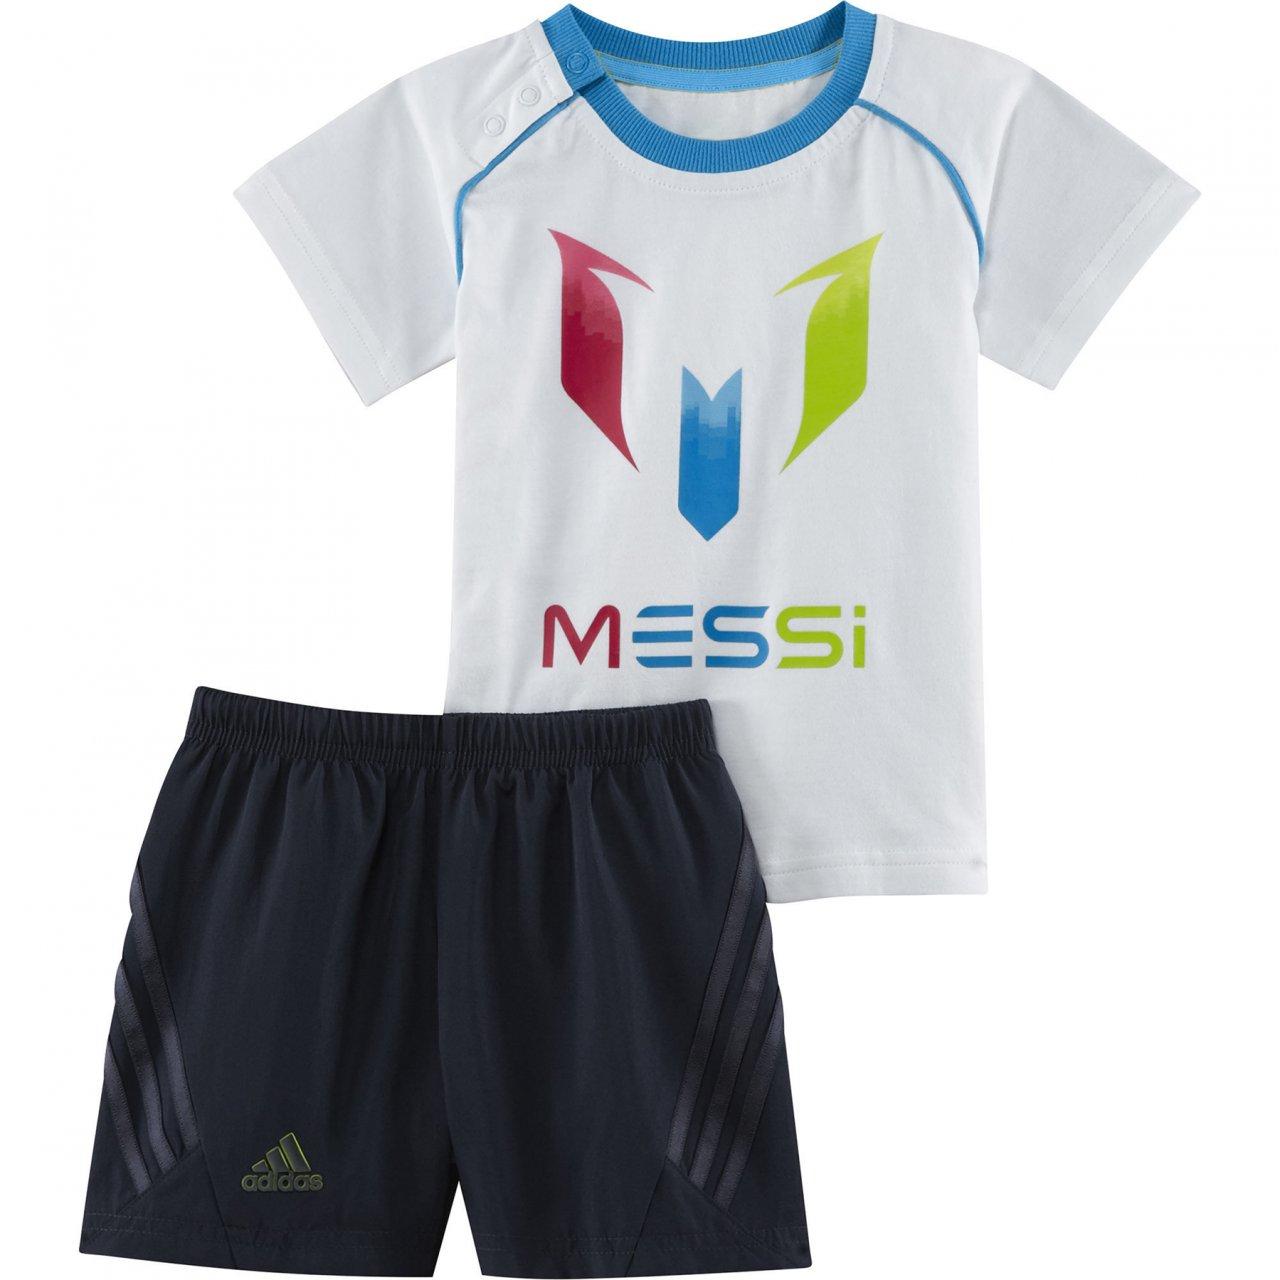 adidas - Chándal para niños Messi Juego Wht/Solblu, 74: Amazon.es ...